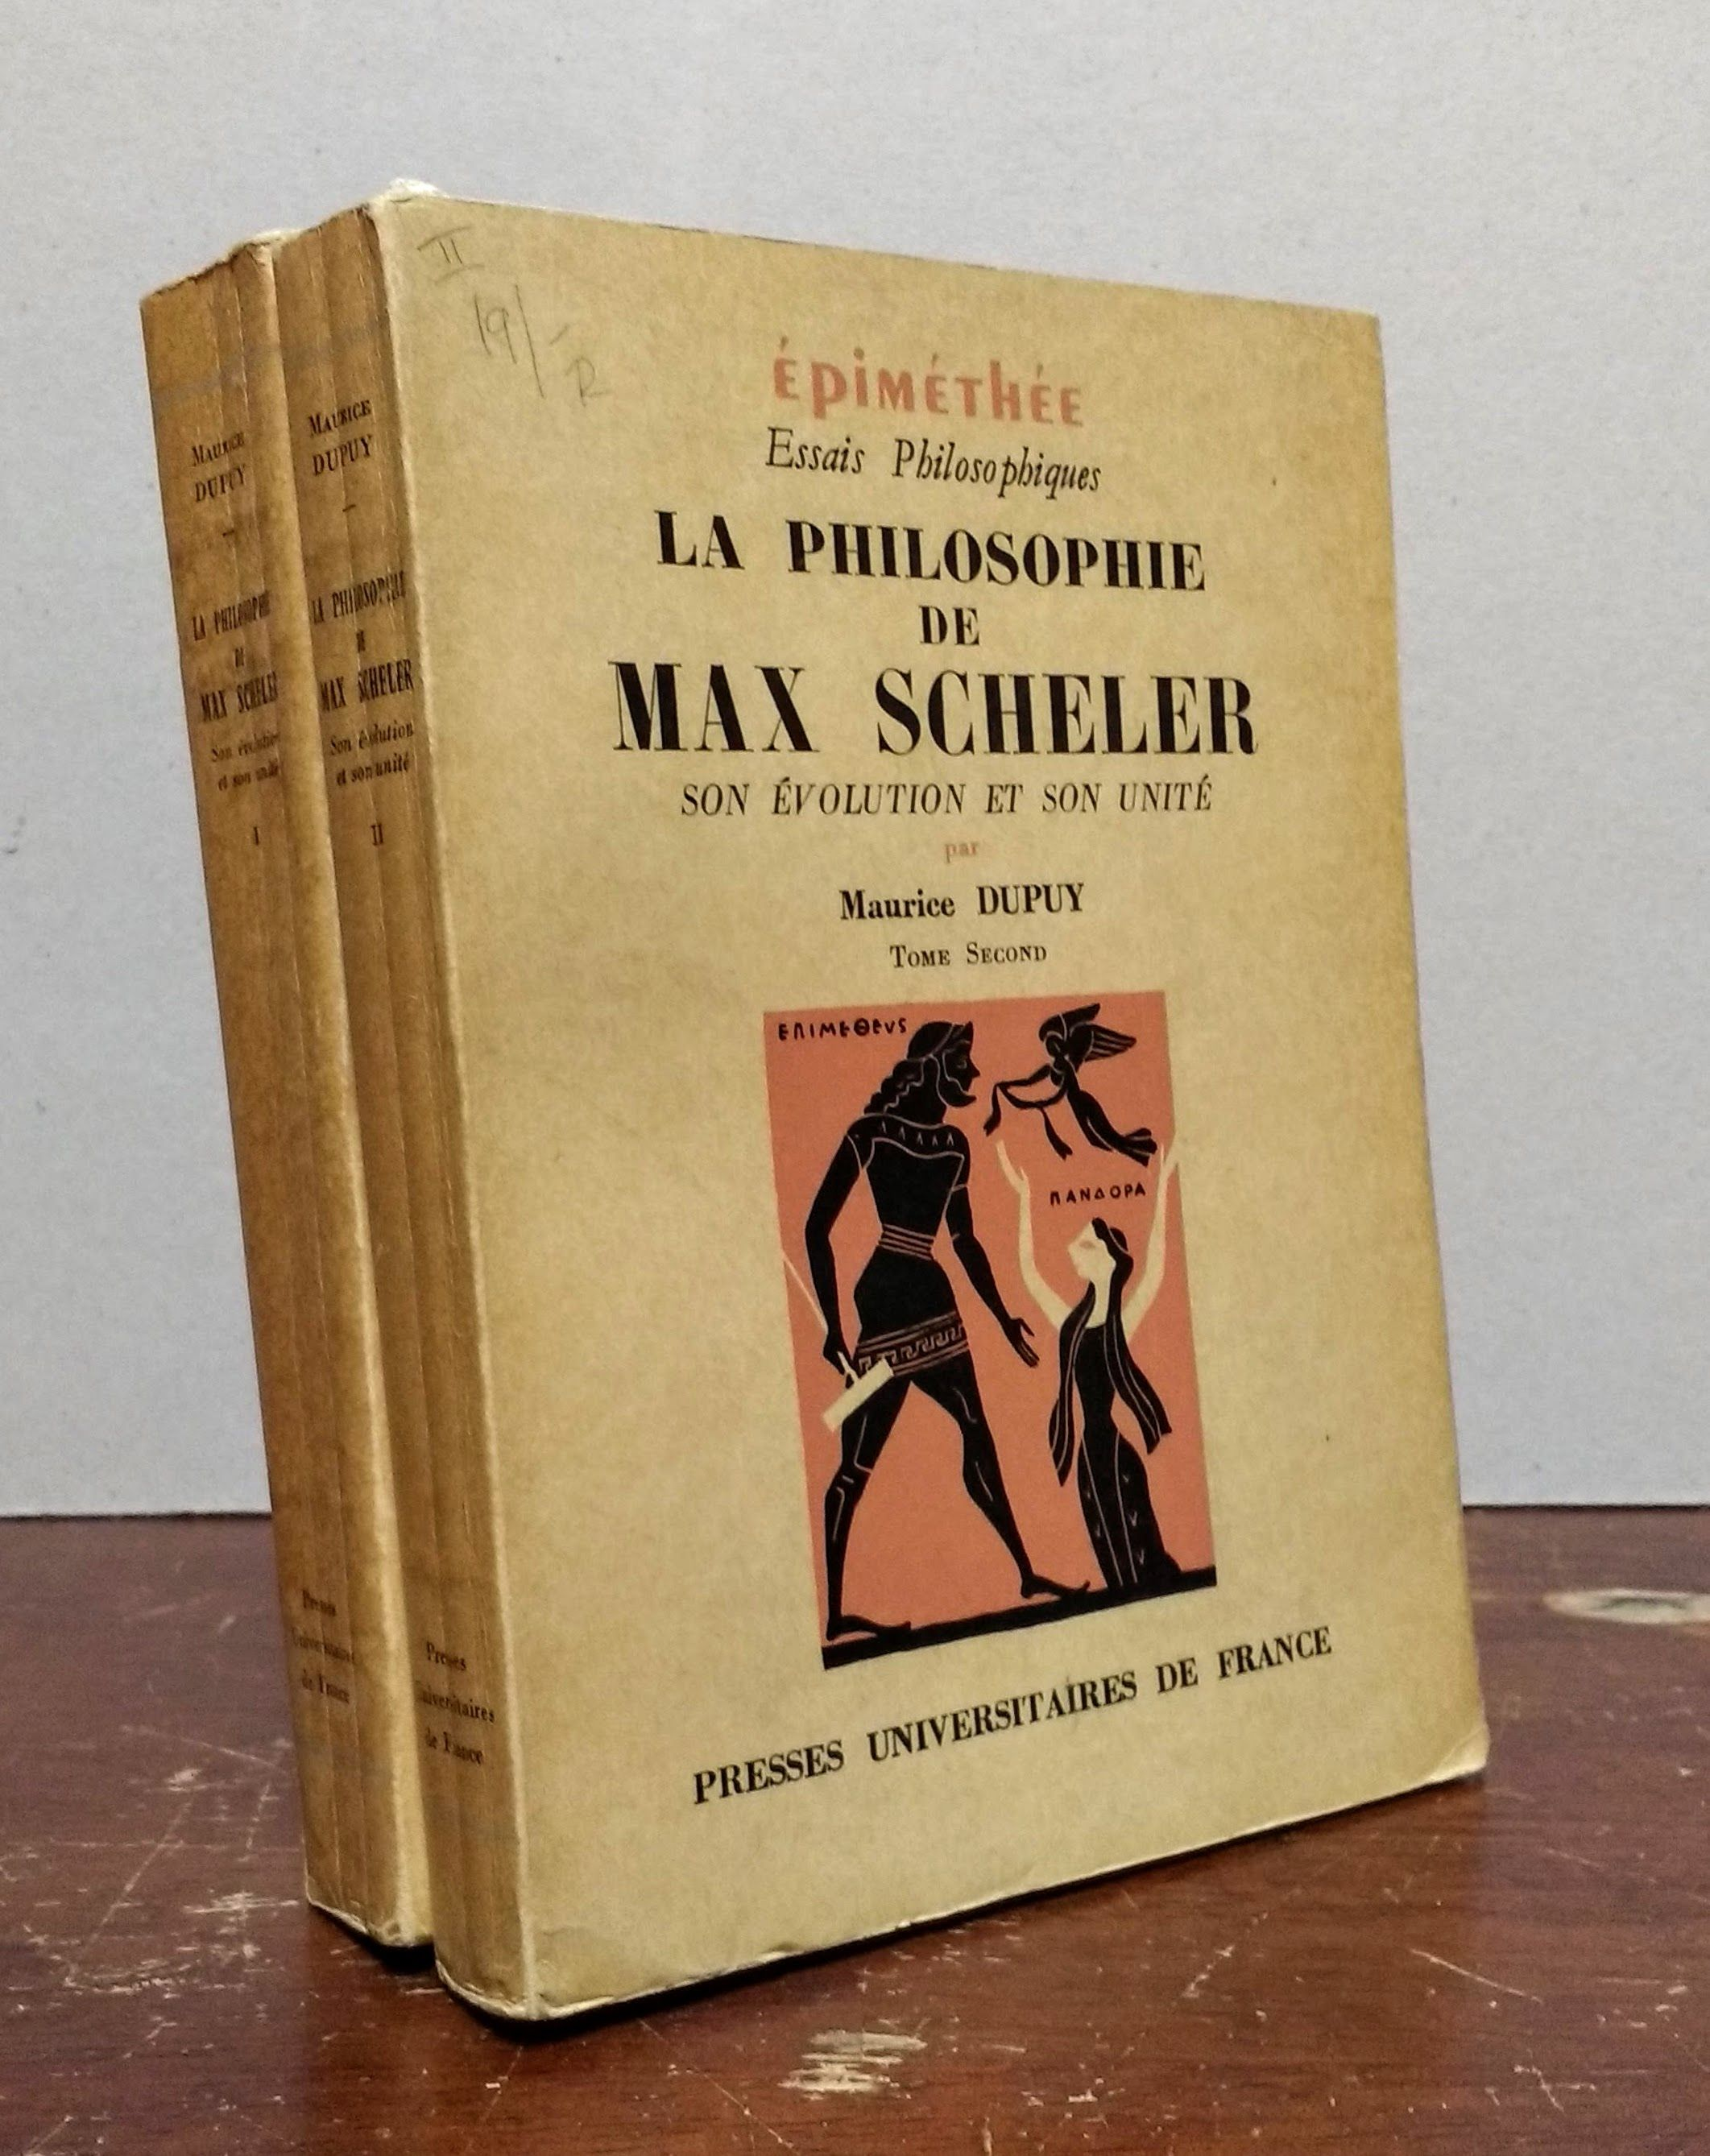 La Philosophie De Max Scheler I Son Evolutioin et son Unite (2 volumes), Dupuy, Maurice